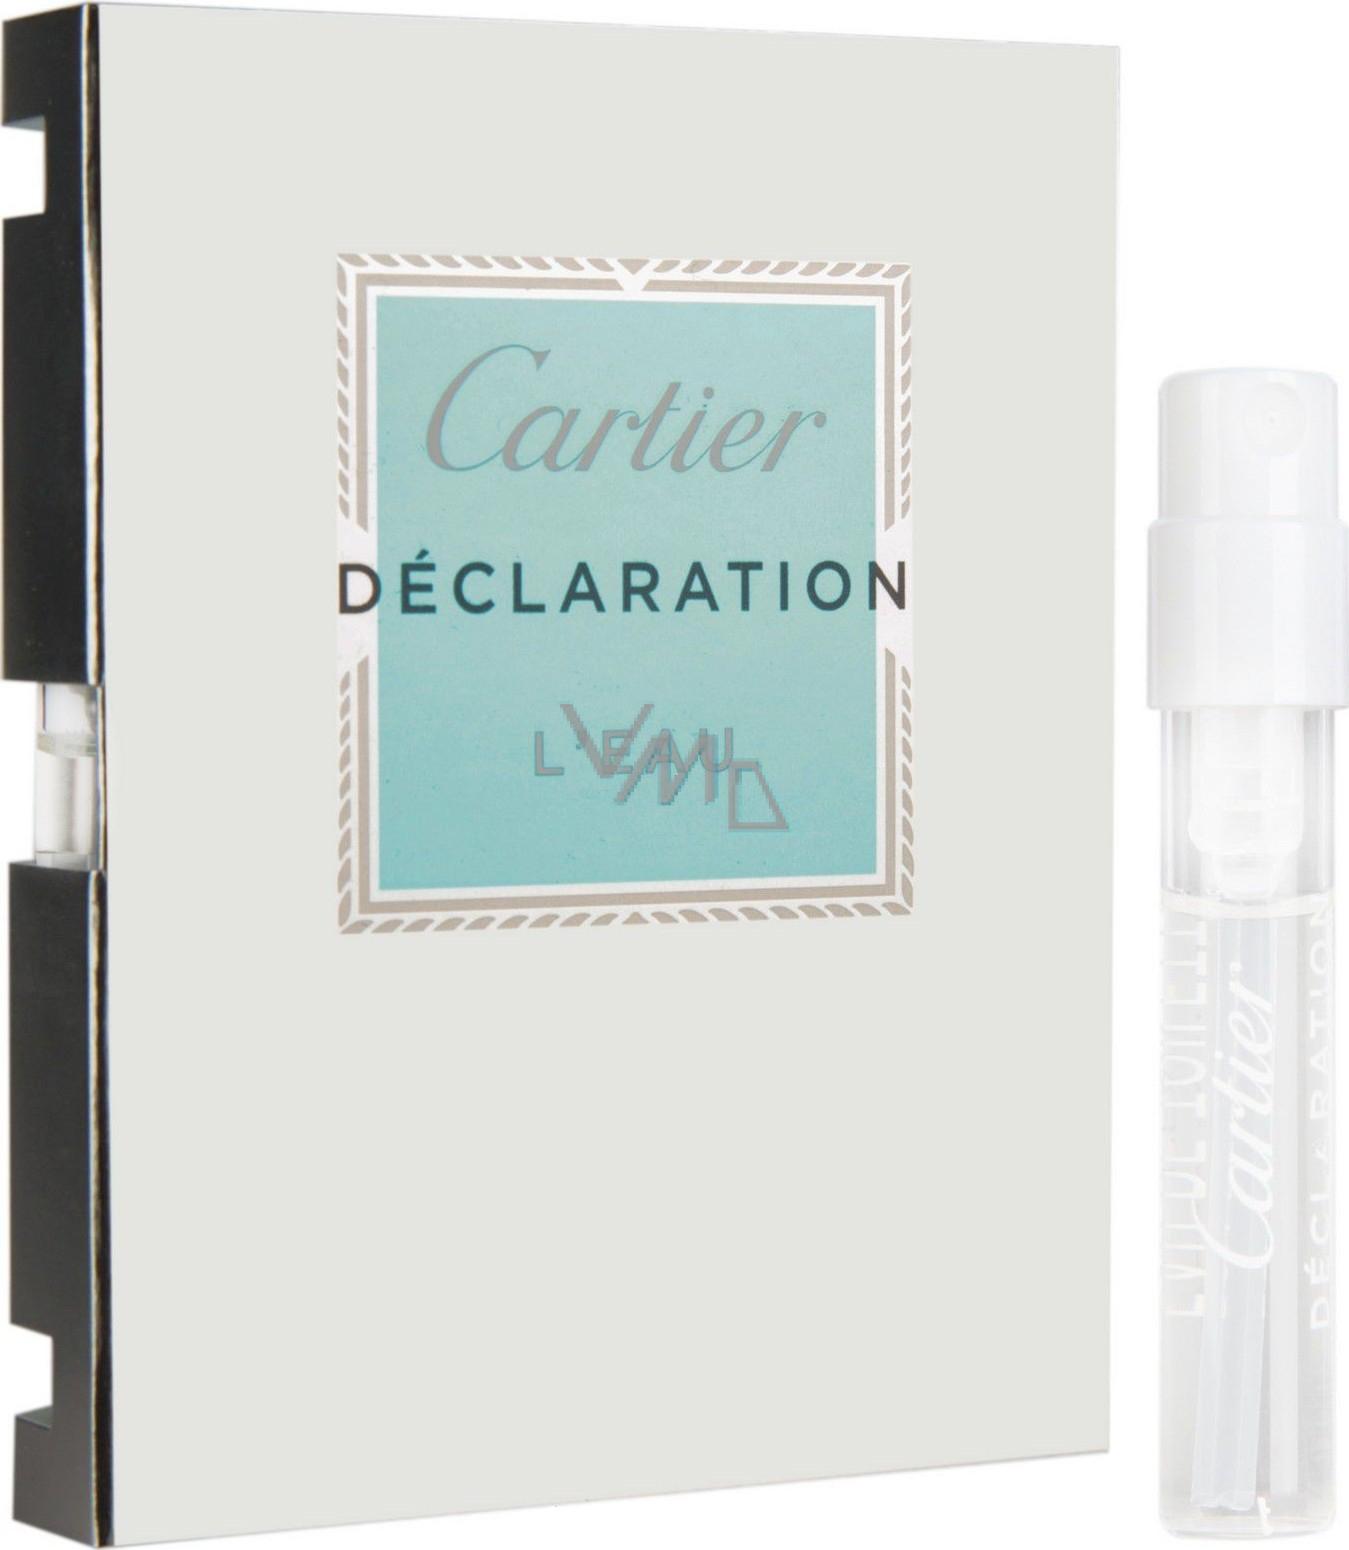 Cartier Declaration L Eau toaletní voda pro muže 1,5 ml s rozprašovačem, Vialka